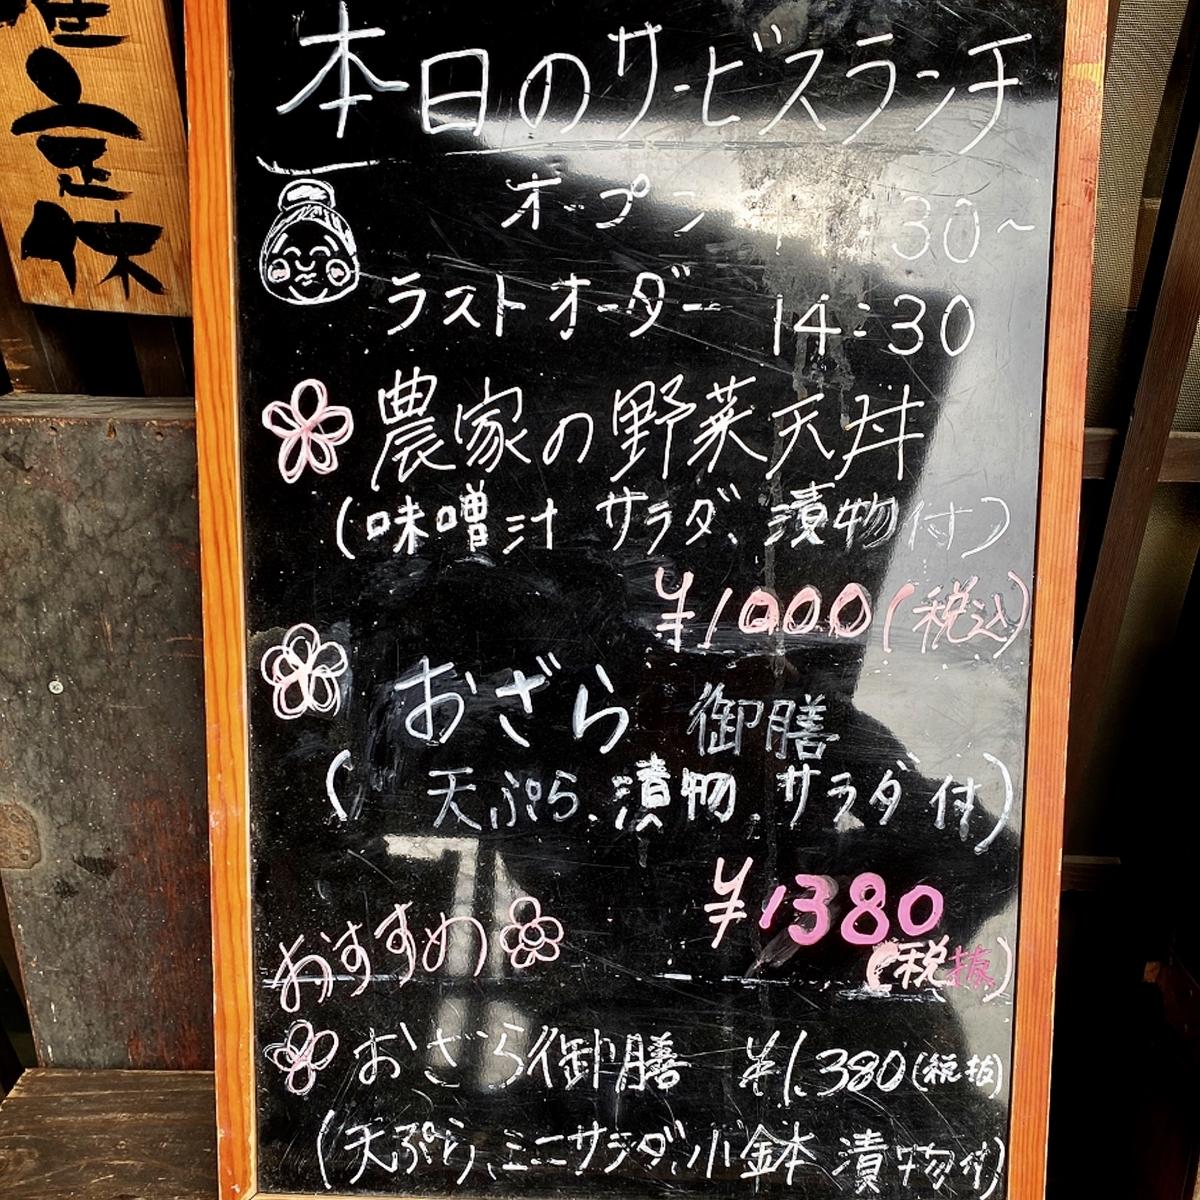 「甲州ほうとう 完熟屋本店」のメニューと値段1